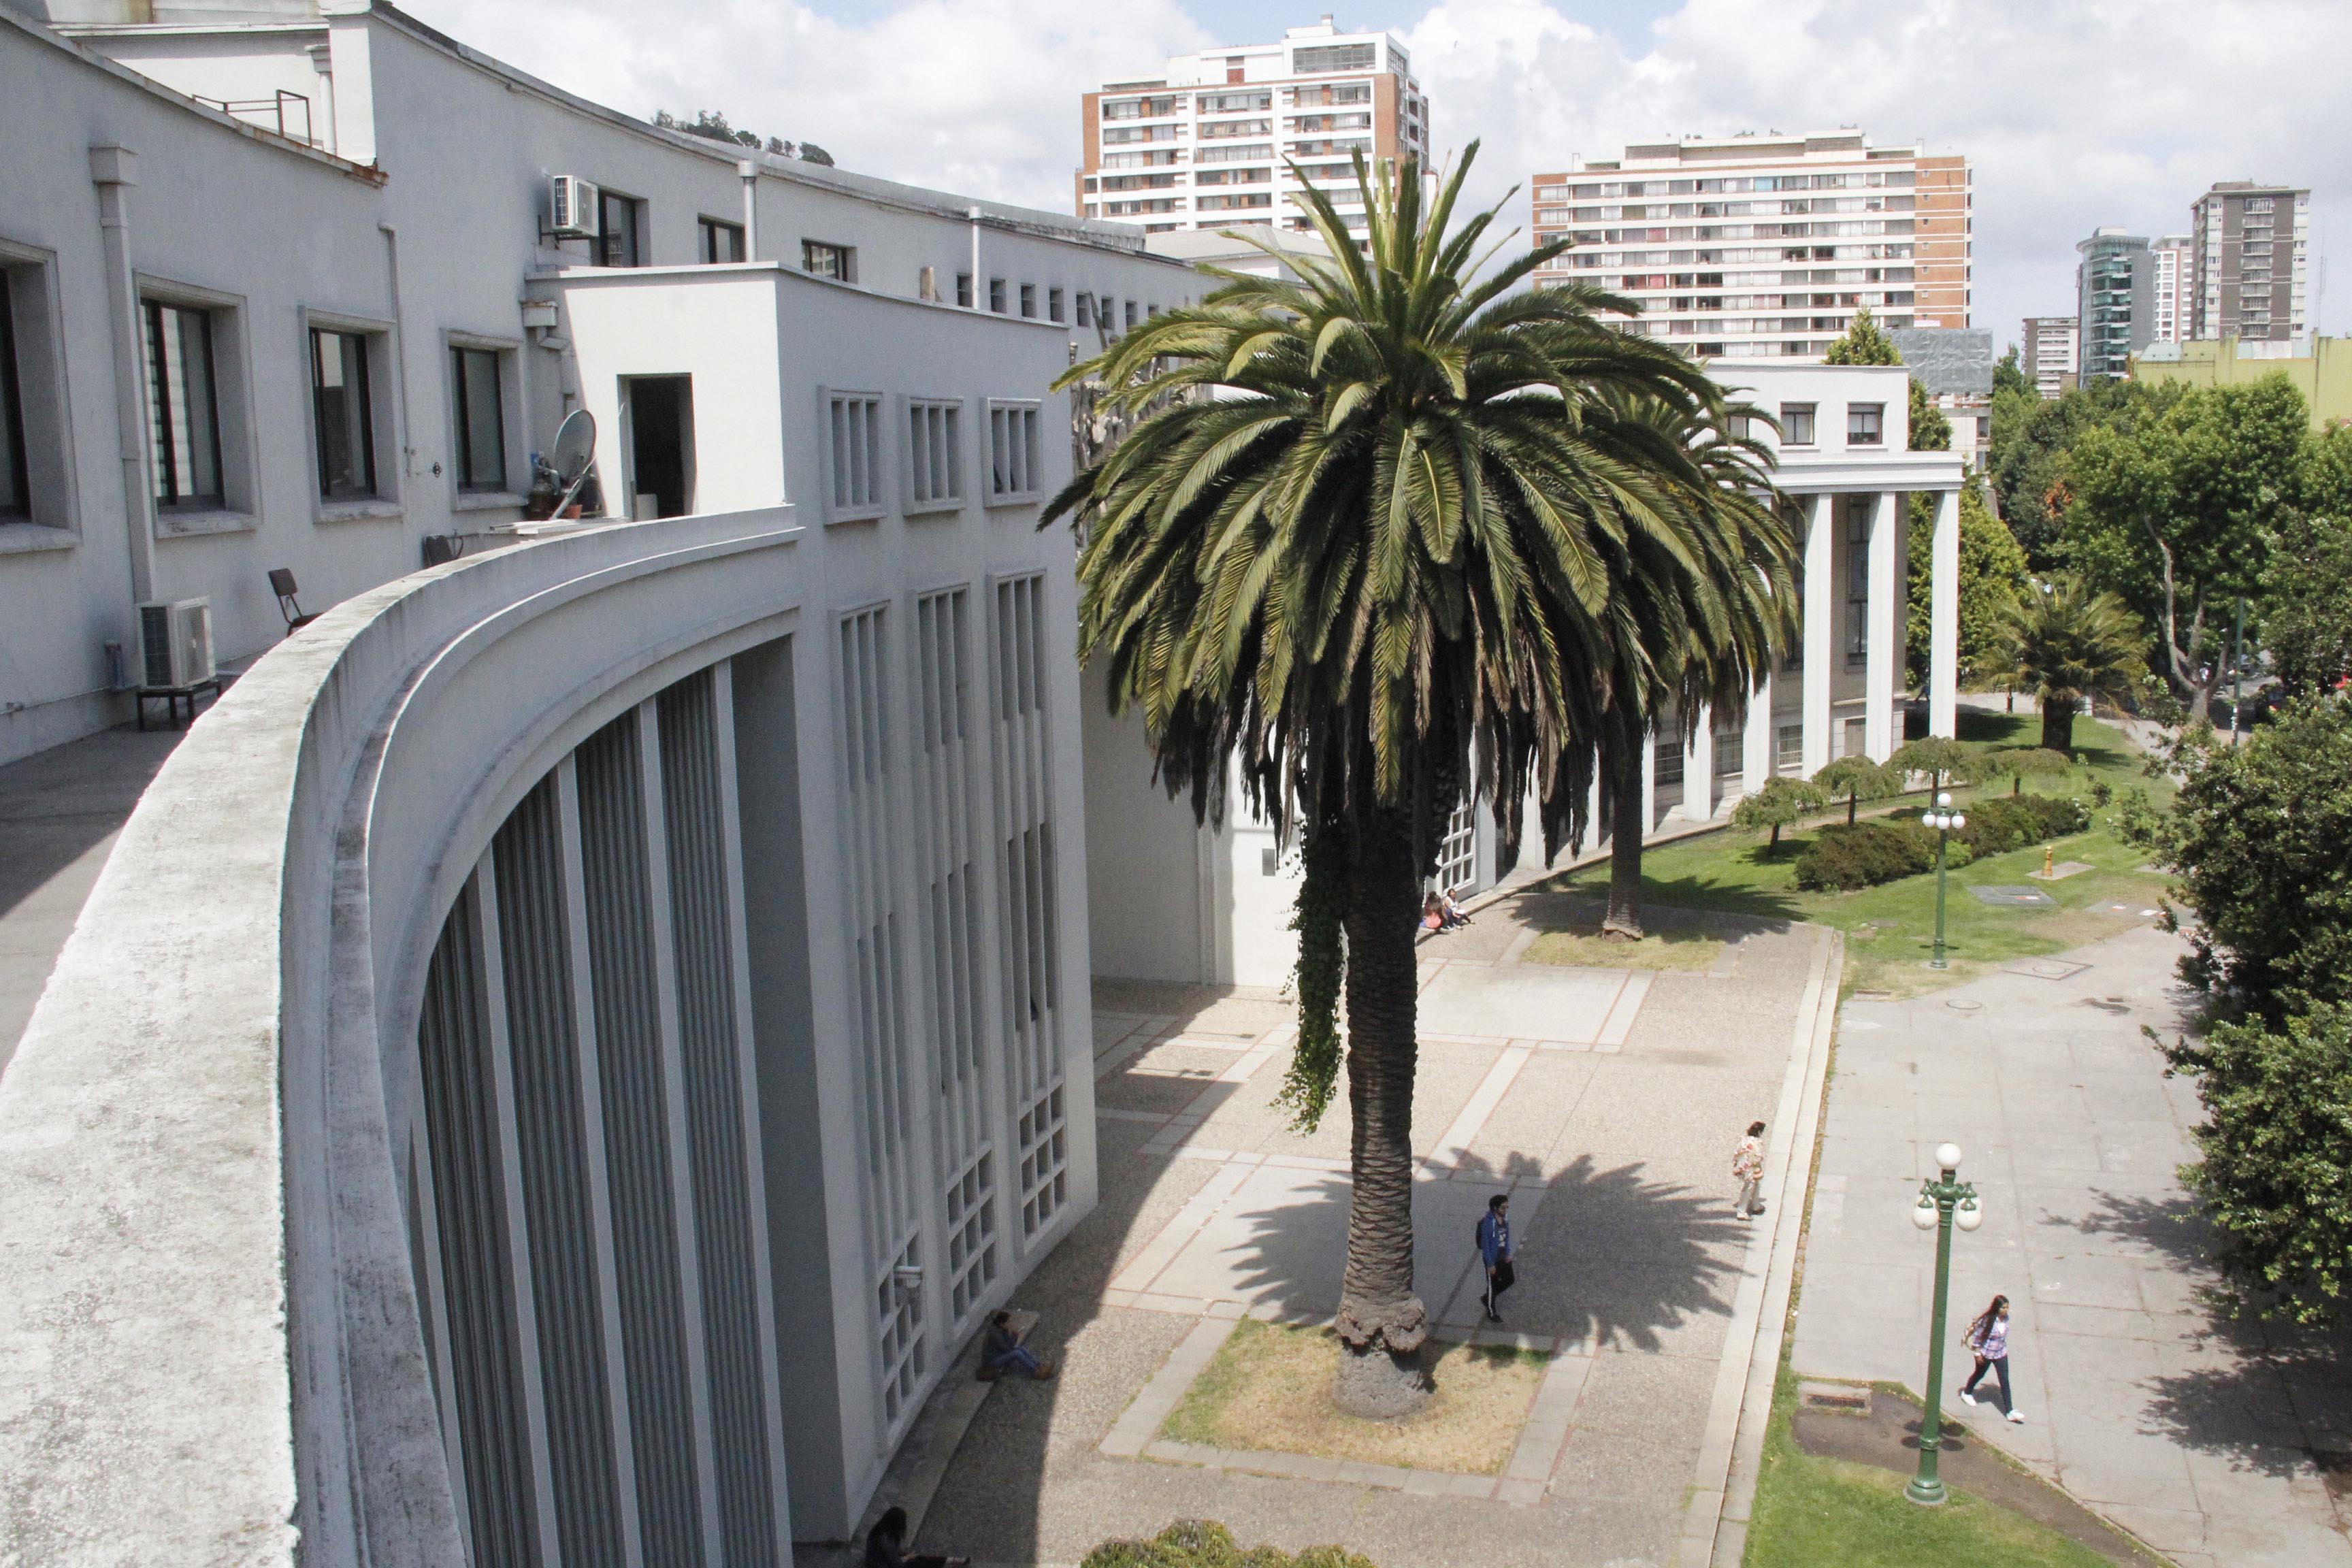 Campus de la UdeC fue declarado Monumento Histórico Nacional